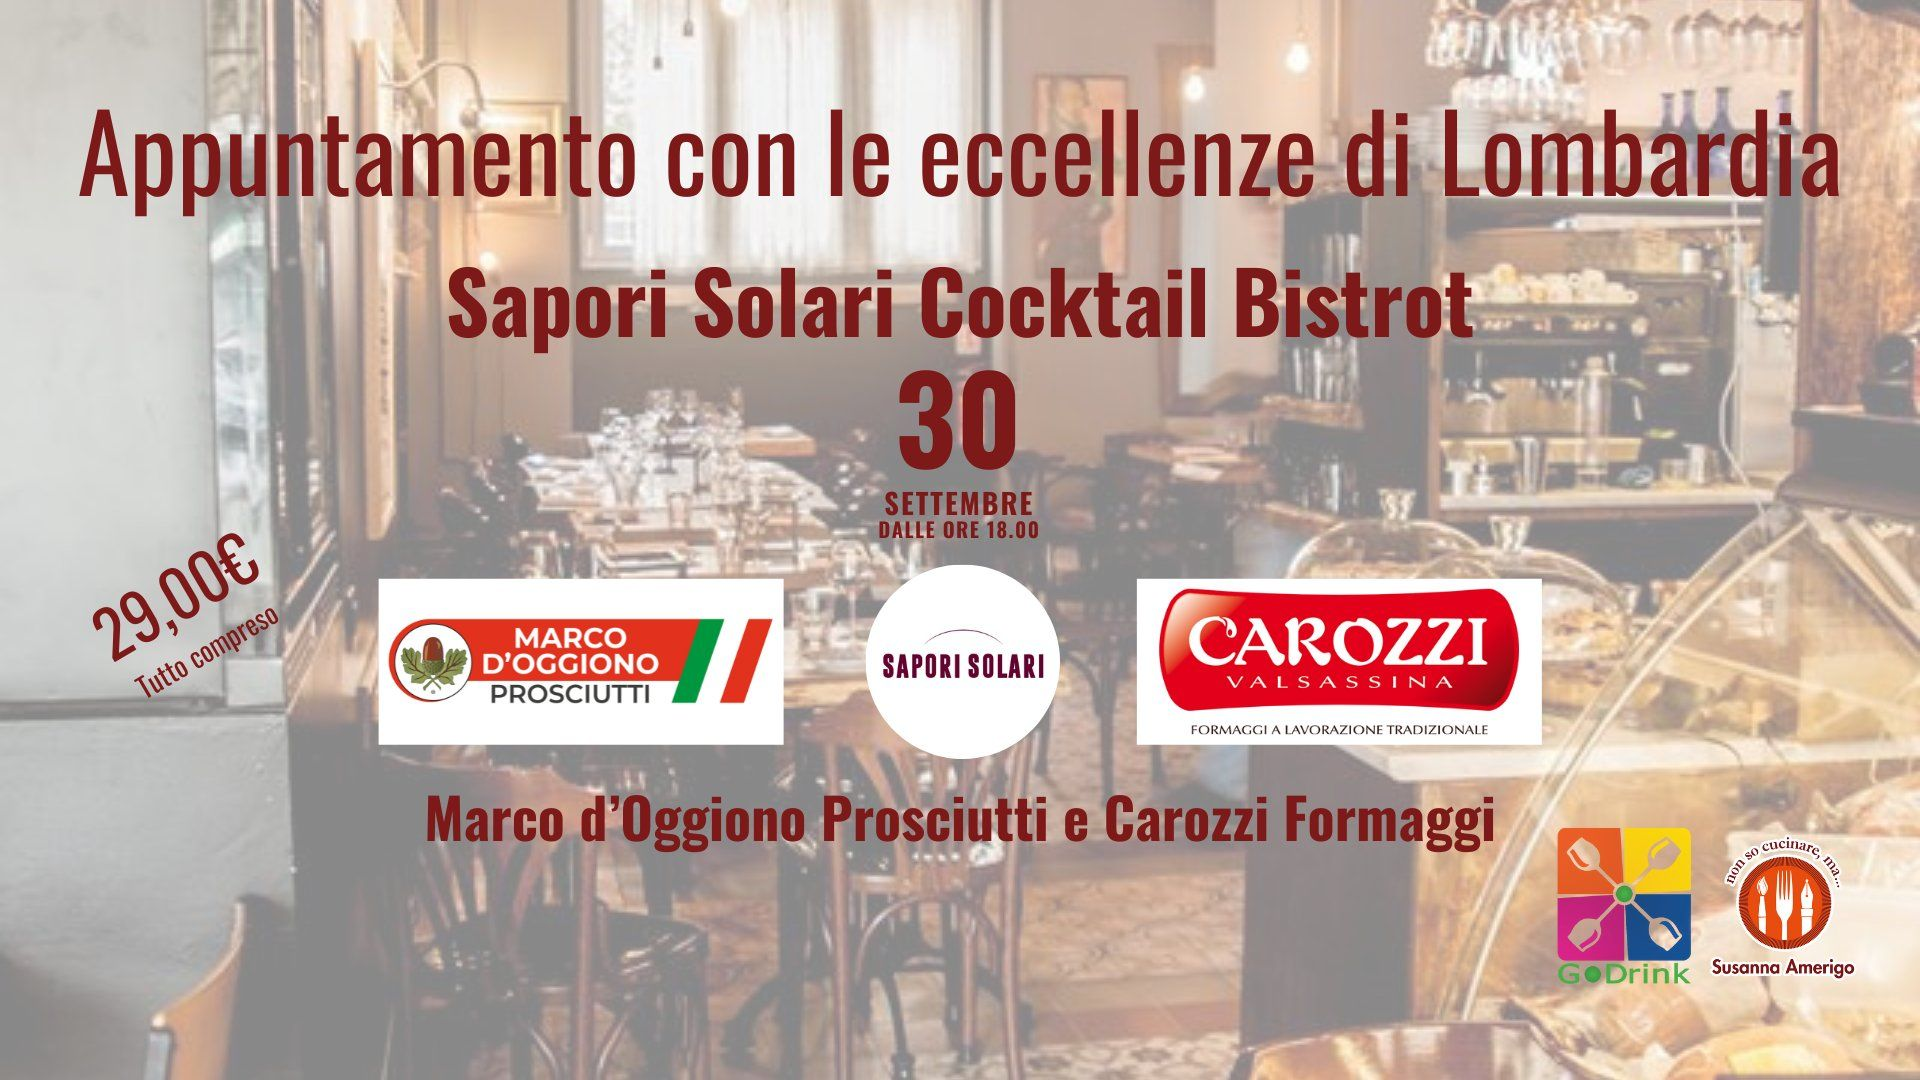 Appuntamento con le eccellenze di Lombardia - Sapori Solari Cocktail Bistrot